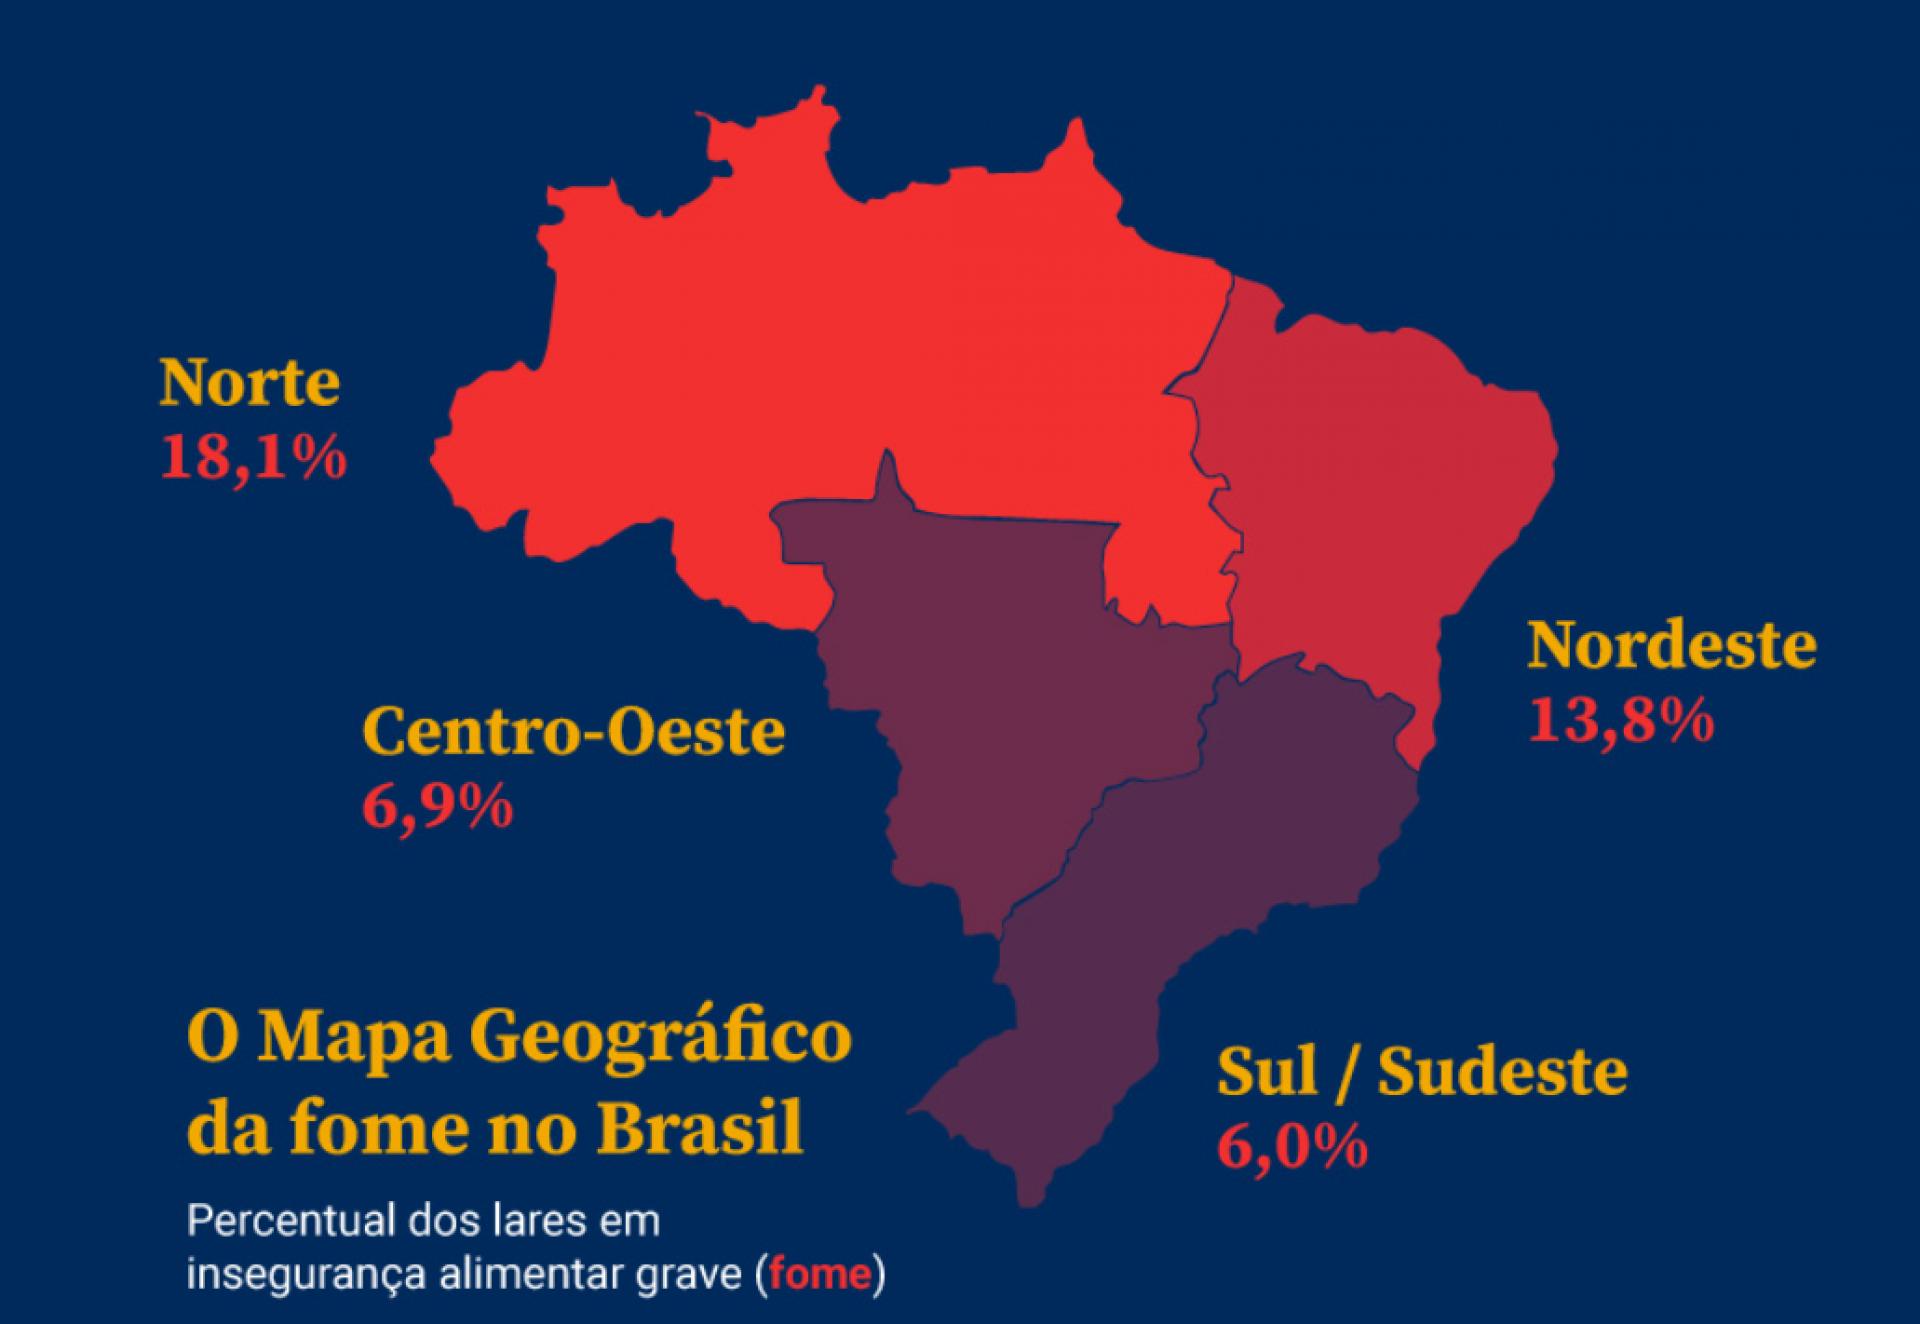 Inquérito Nacional sobre Insegurança Alimentar no Contexto da Pandemia da Covid-19 no Brasil, desenvolvido pela Rede Brasileira de Pesquisa em Soberania e Segurança Alimentar (Rede PENSSAN)(Foto: Rede PENSSAN)